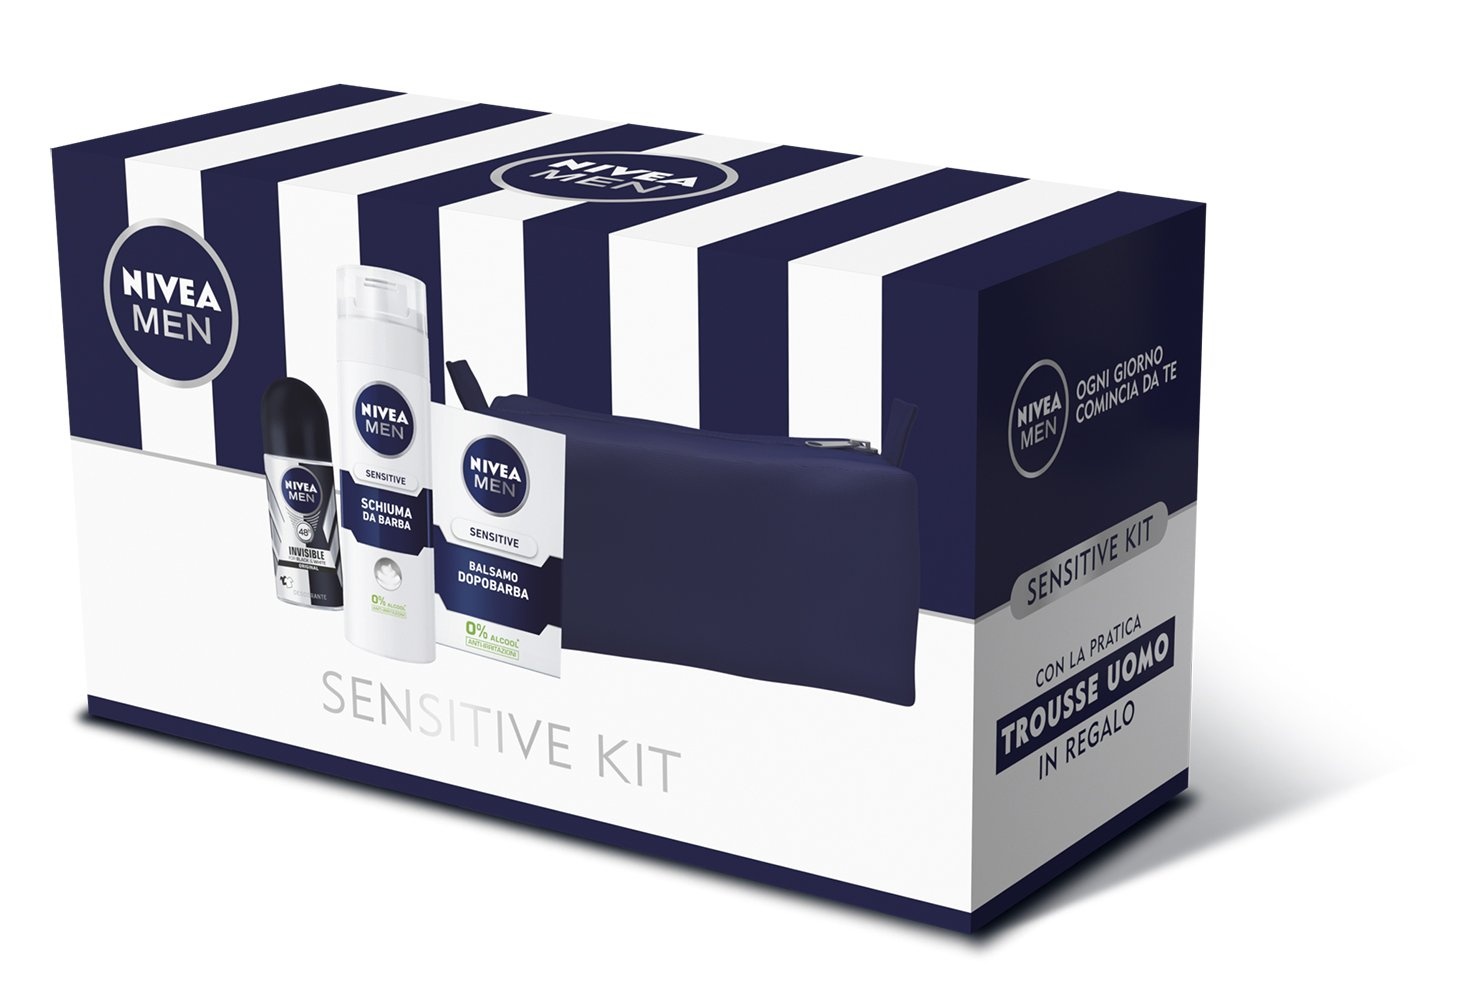 Nivea Men Sensitive Kit Set Regalo da Uomo, Balsamo Dopobarba, Schiuma da Barba e Invisible Black & White Roll-on Deodorante Beiersdorf 41920